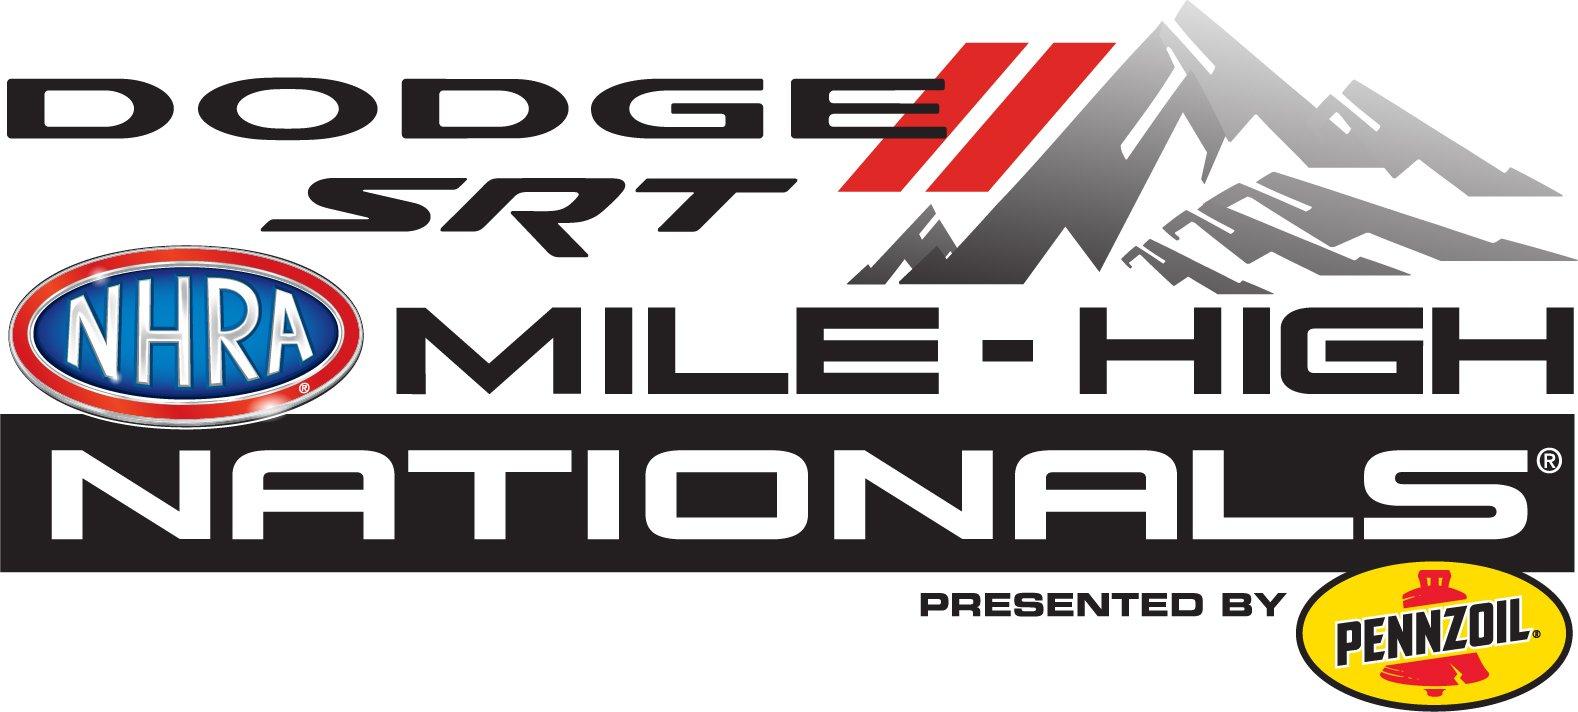 Dodge // SRT Mile High NHRA Nationals, Logo